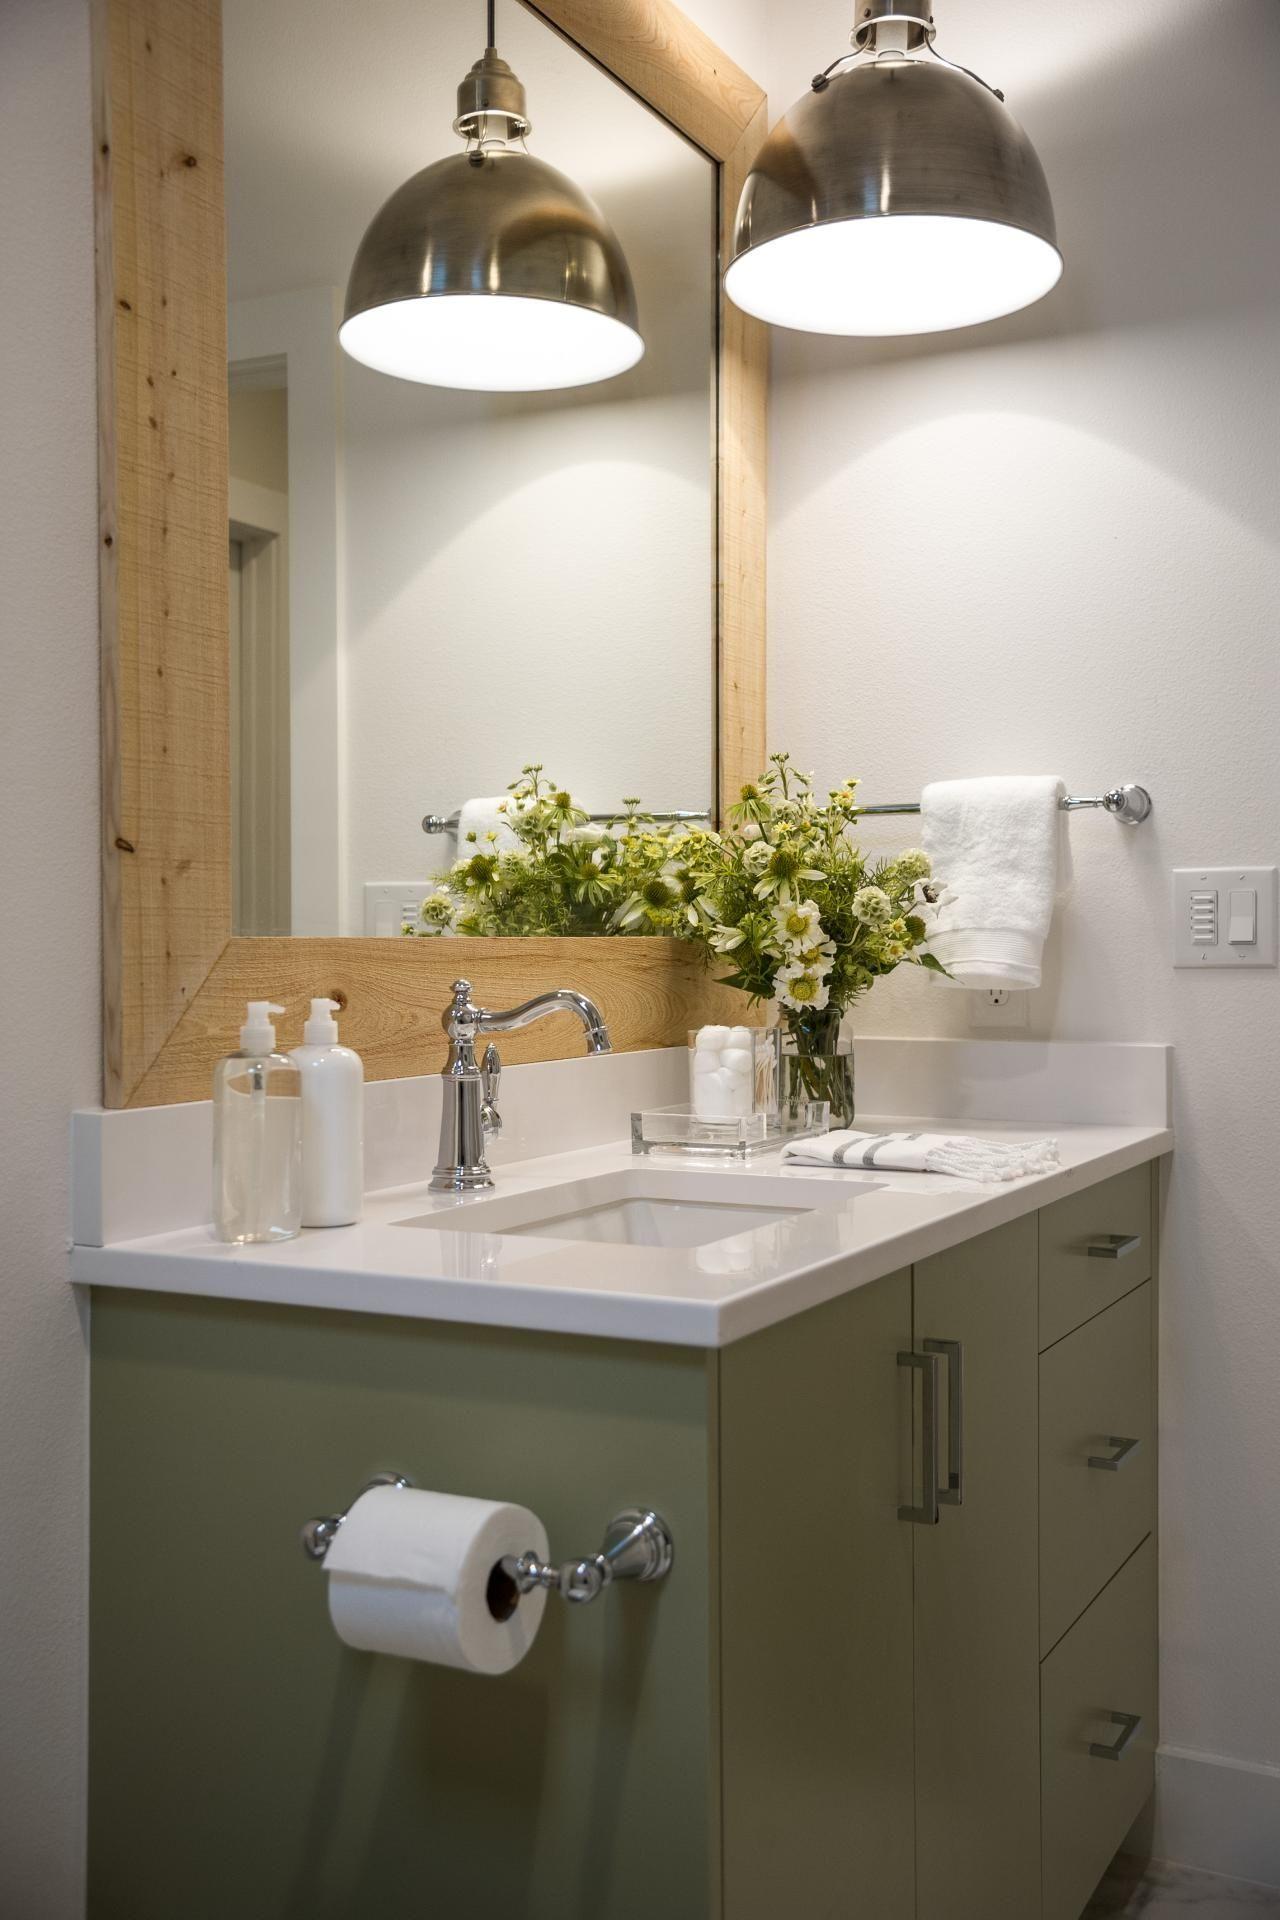 Hanging Light Fixtures For Bathroom Bathroom Light Fixtures Ceiling Bathroom Ceiling Light Cheap Bathroom Vanities